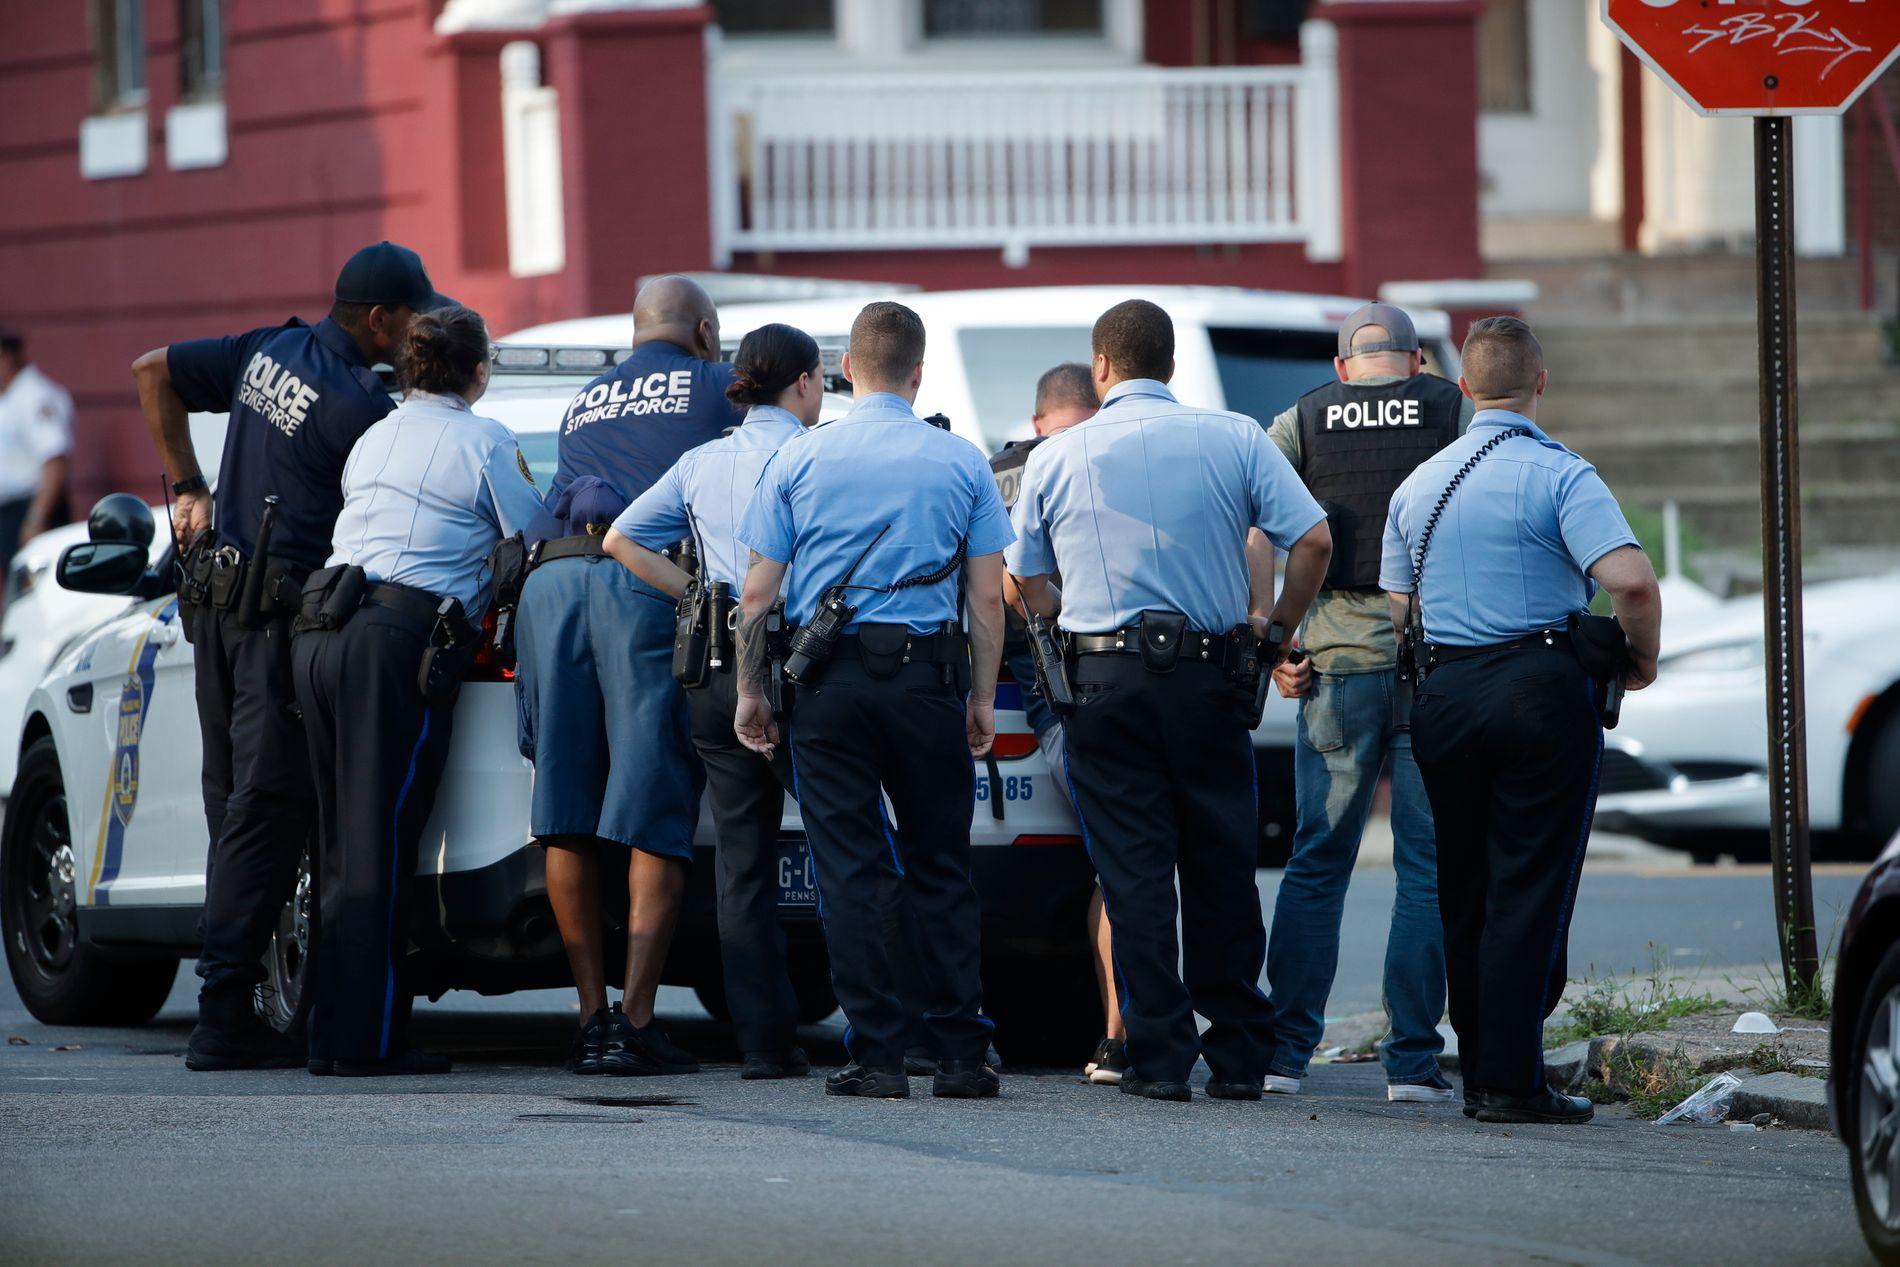 STOR POLITIAKSJON: Politiet ber folk holde seg unna området Nicetown-Tioga i Philadelphia